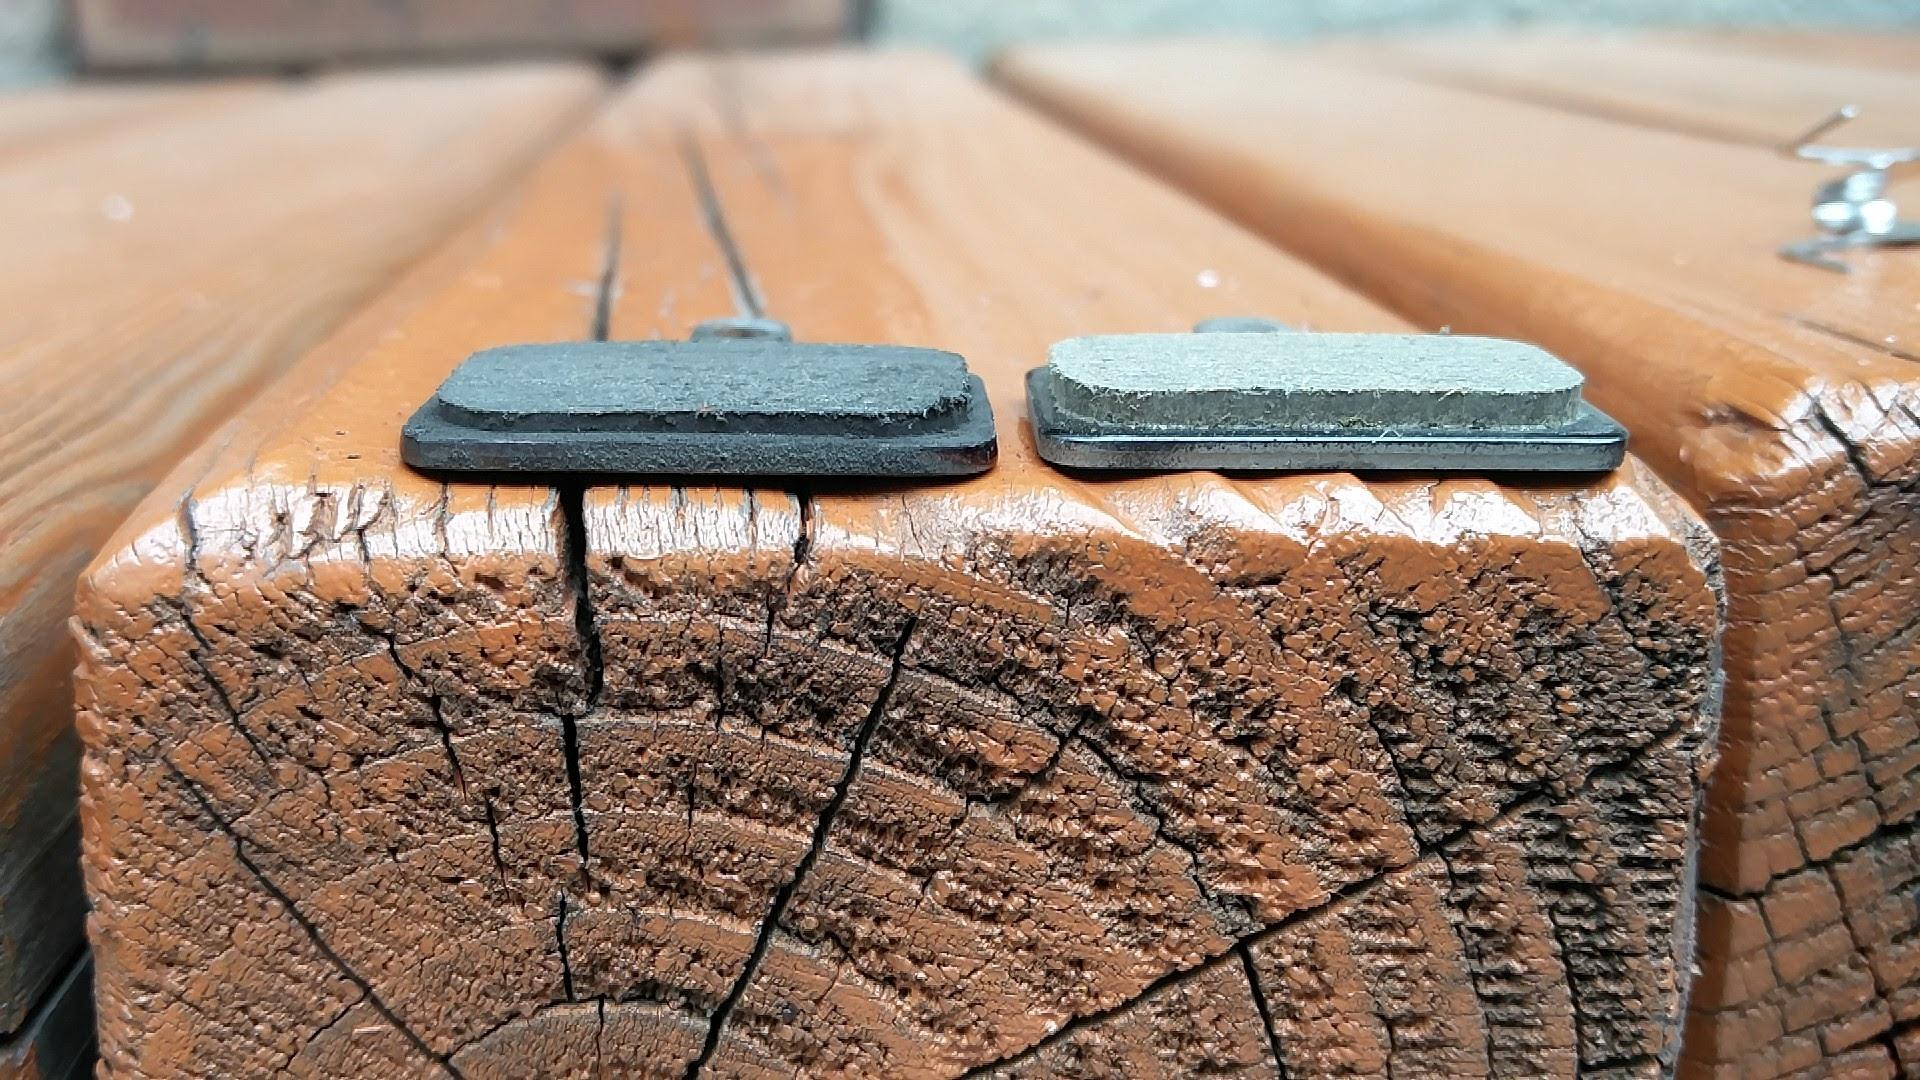 브레이크 패드-'자전거 디스크 브레이크 패드 교체(How to replace break pads of the disk brakes)'